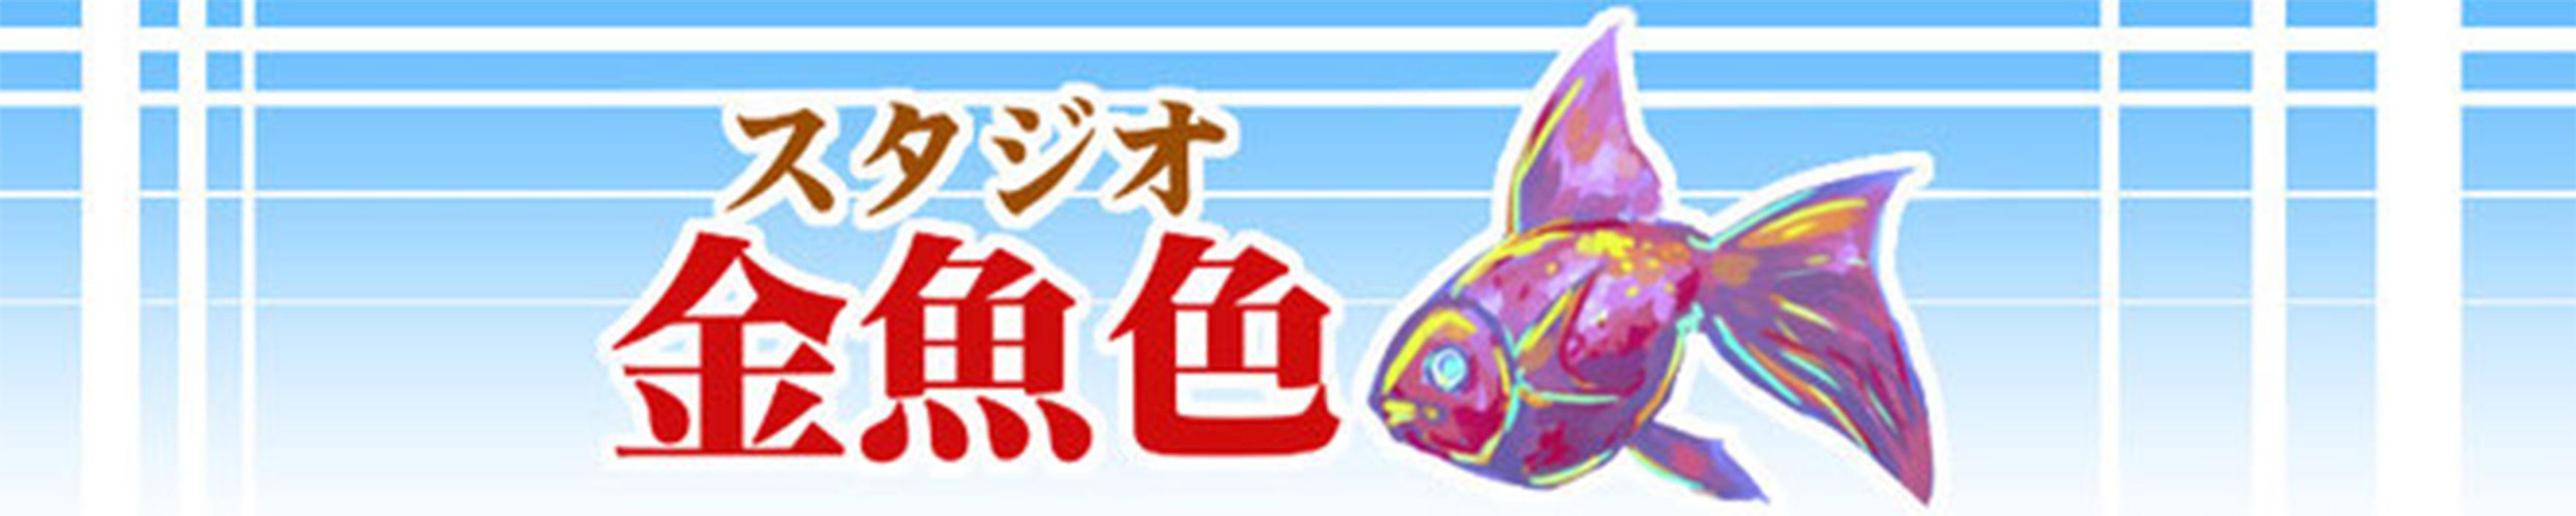 スタジオ金魚色 マウスマン